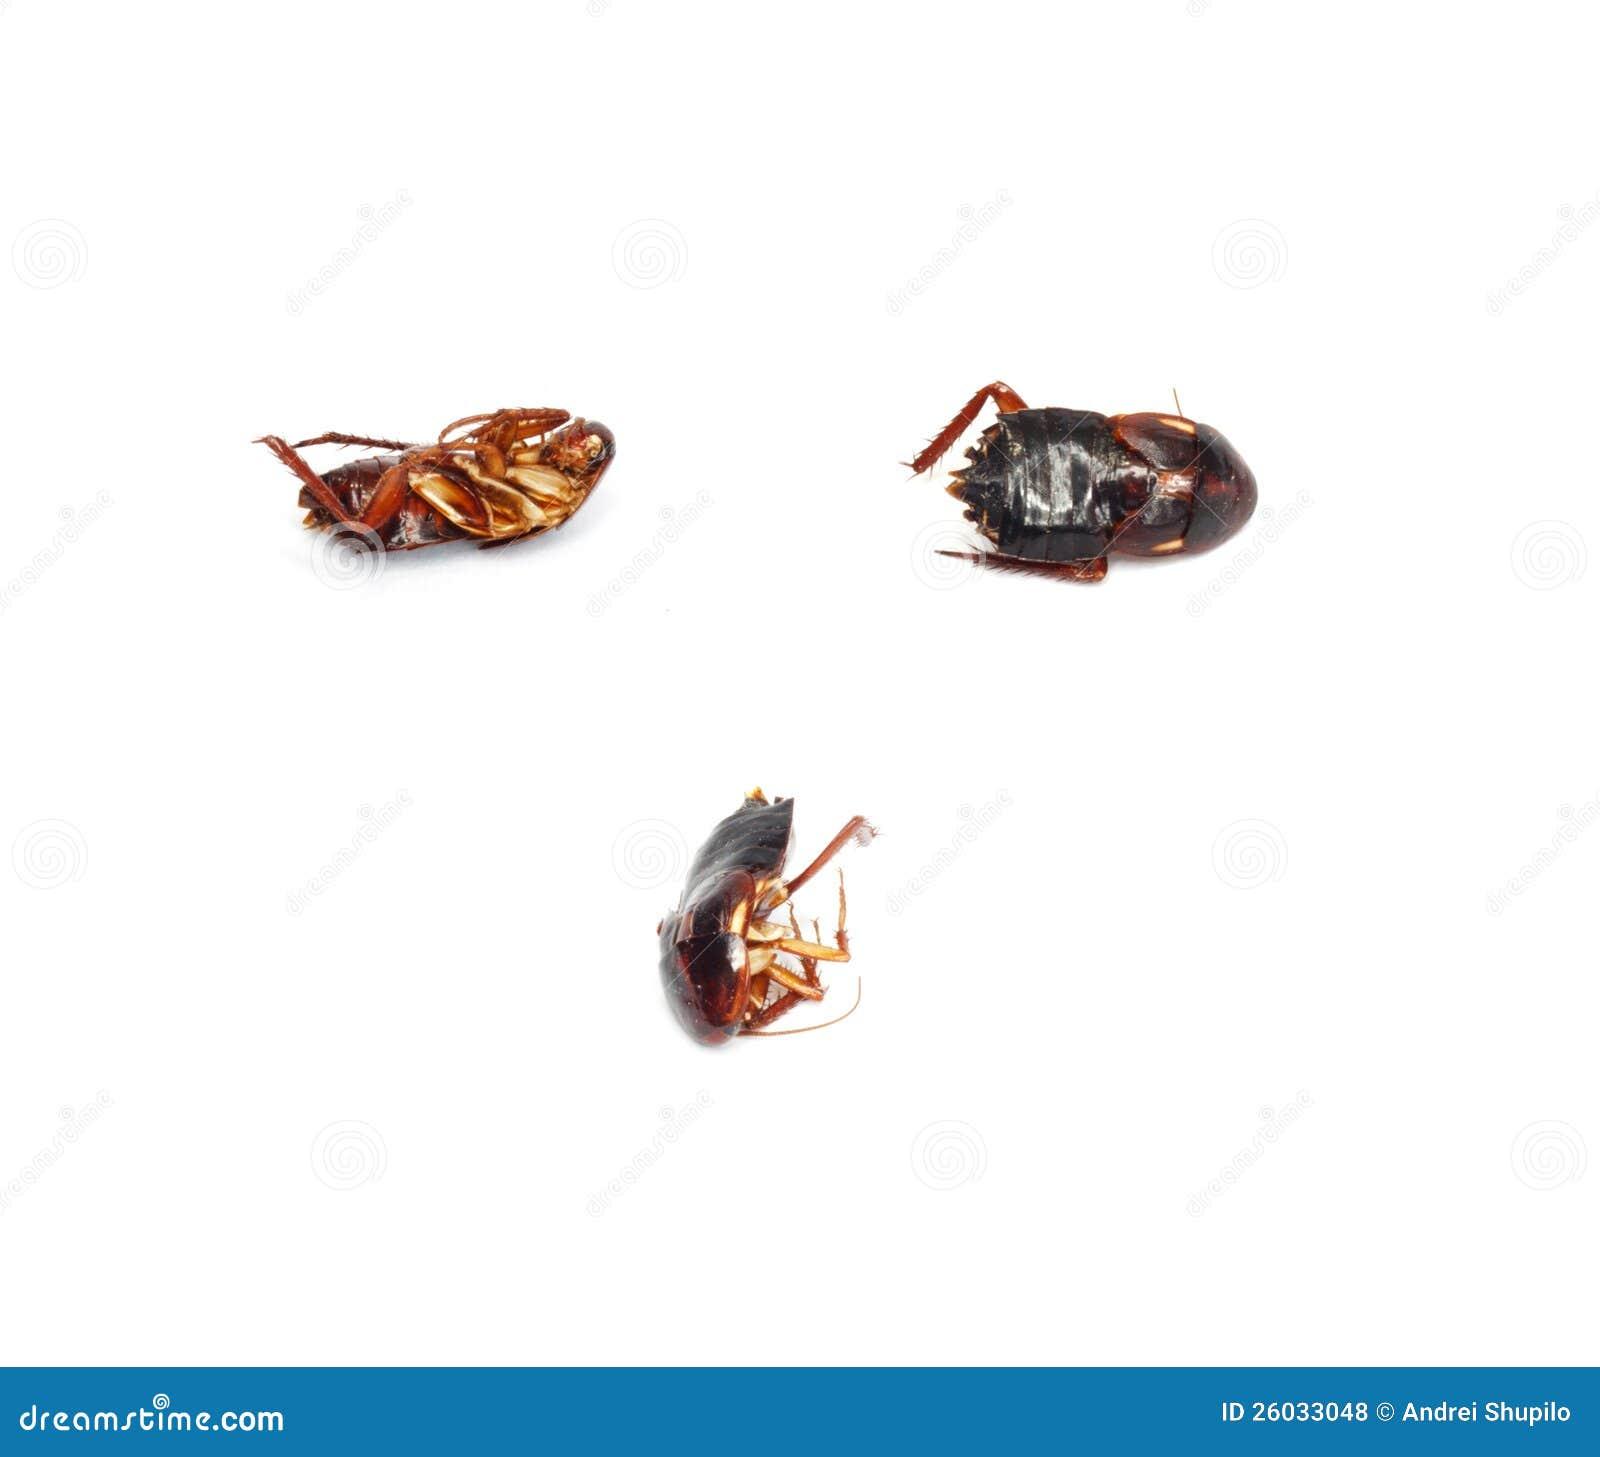 kackerlacka döda